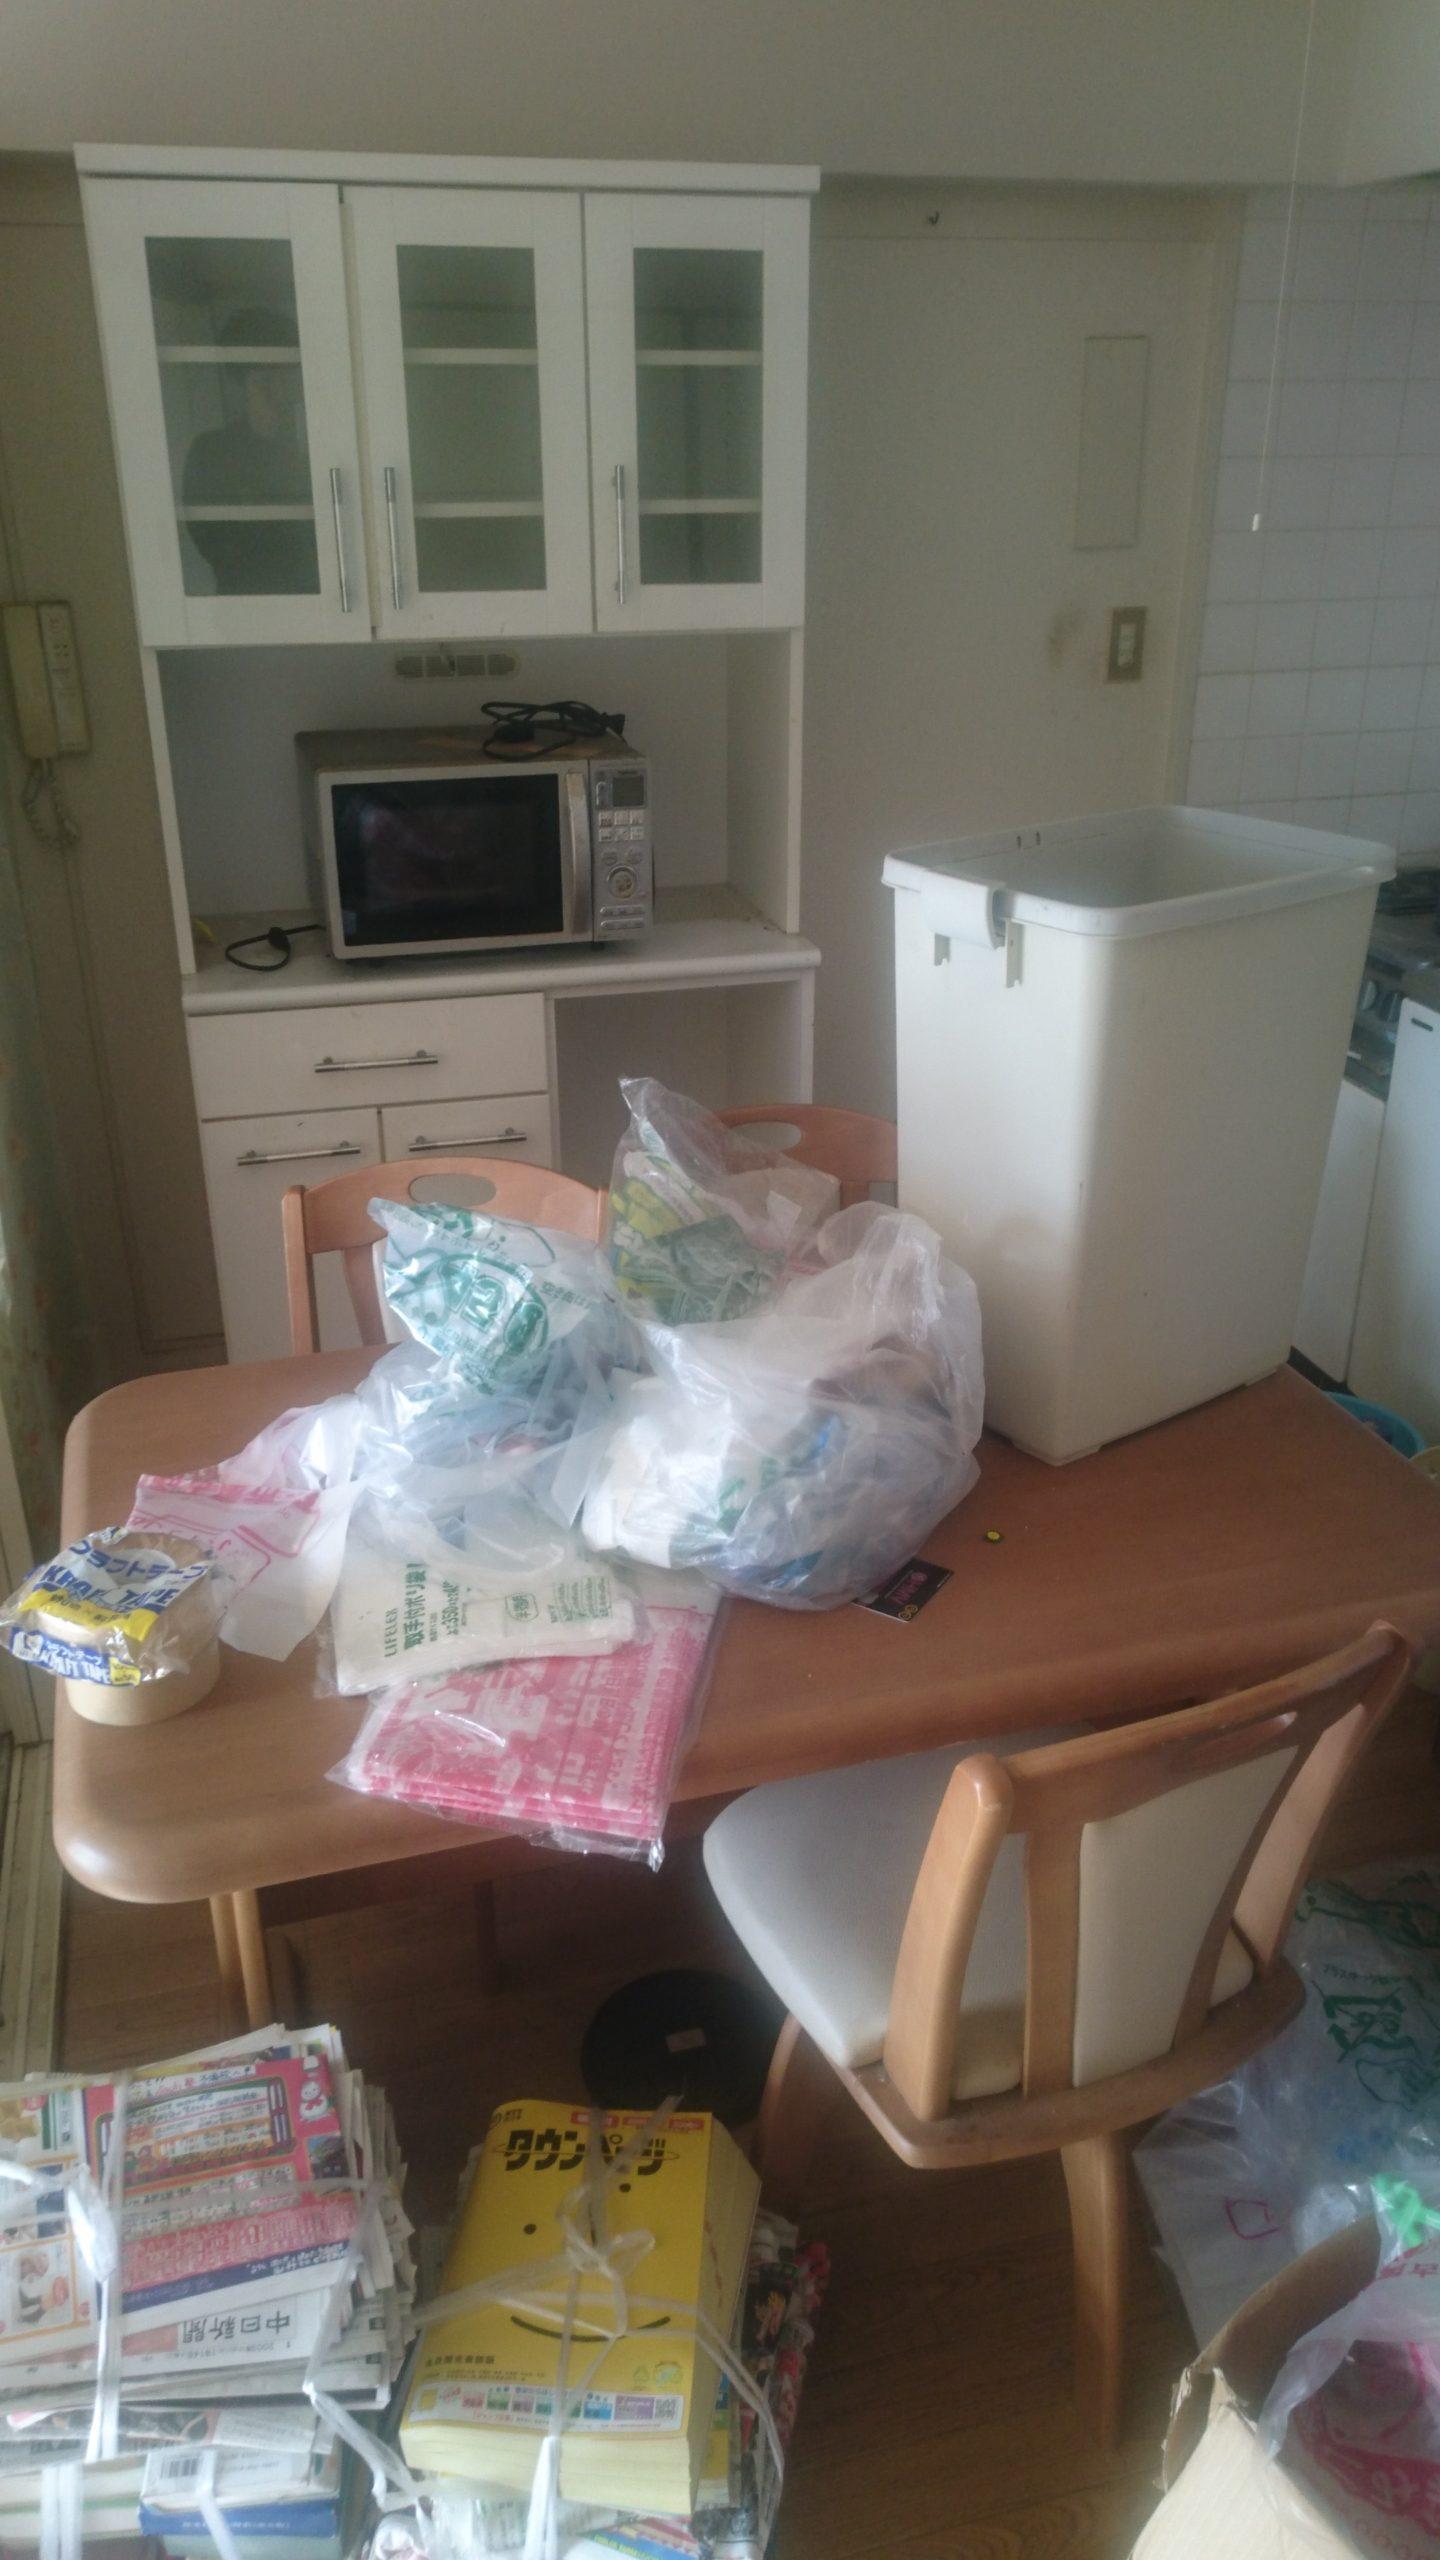 【愛知県名古屋市緑区】食器棚やダイニングテーブルなどの回収